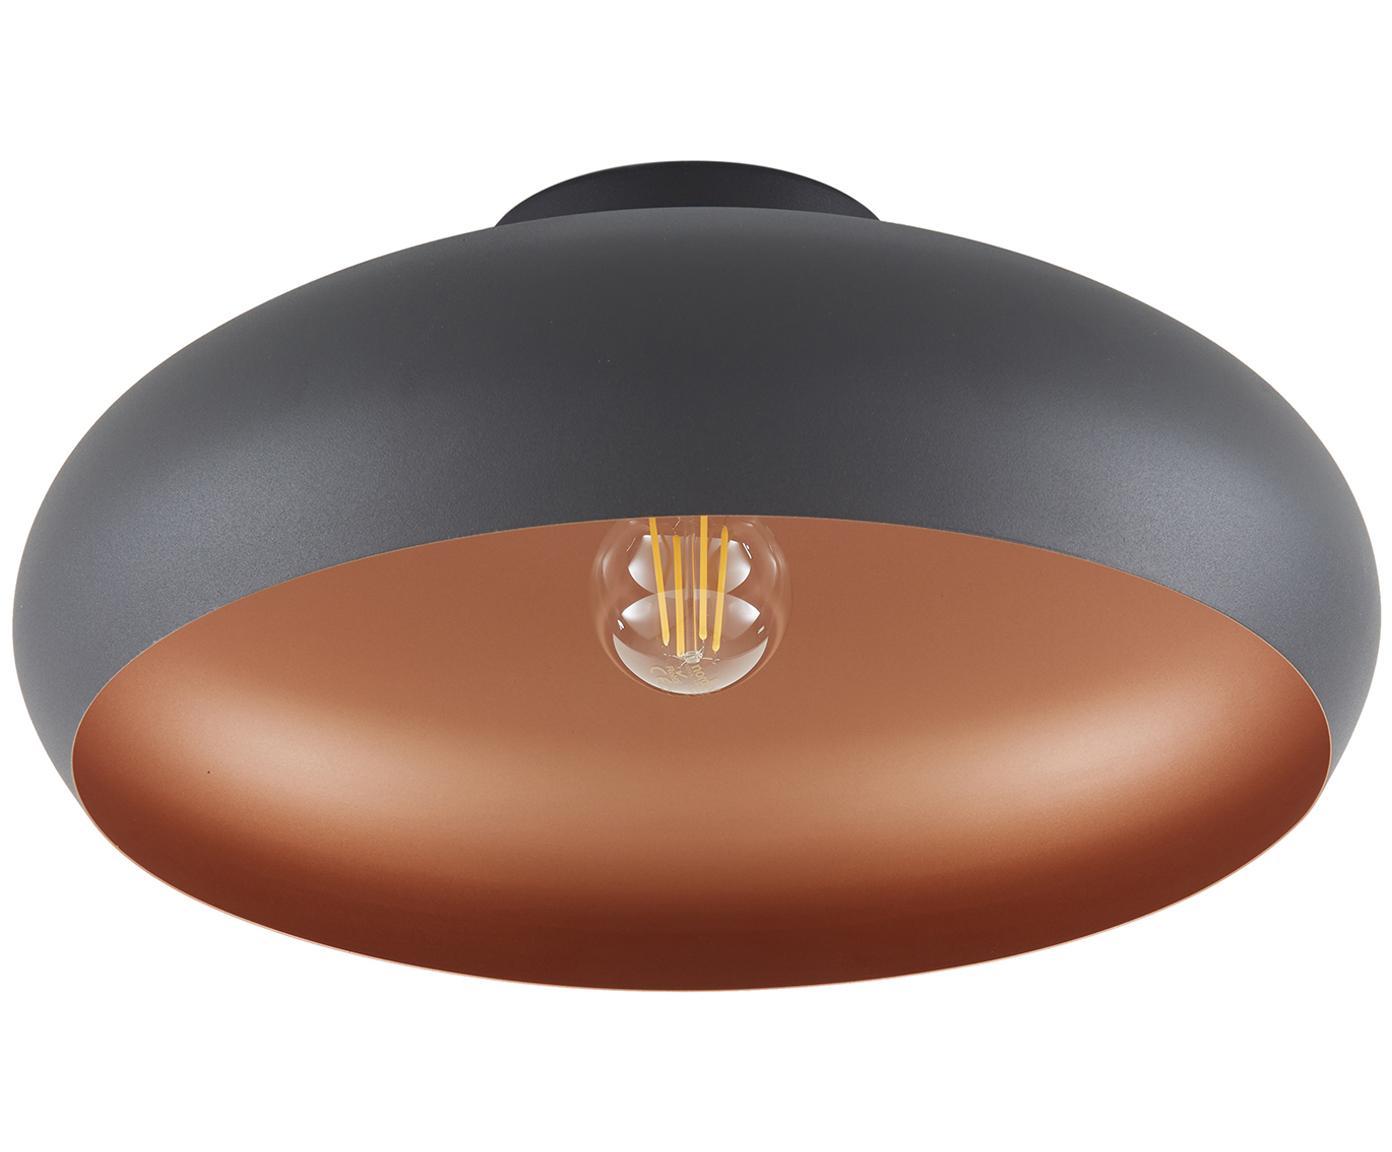 Lampa sufitowa Jeff, Osłona mocowania sufitowego: czarny, odcienie miedzi, ∅ 40 x W 17 cm